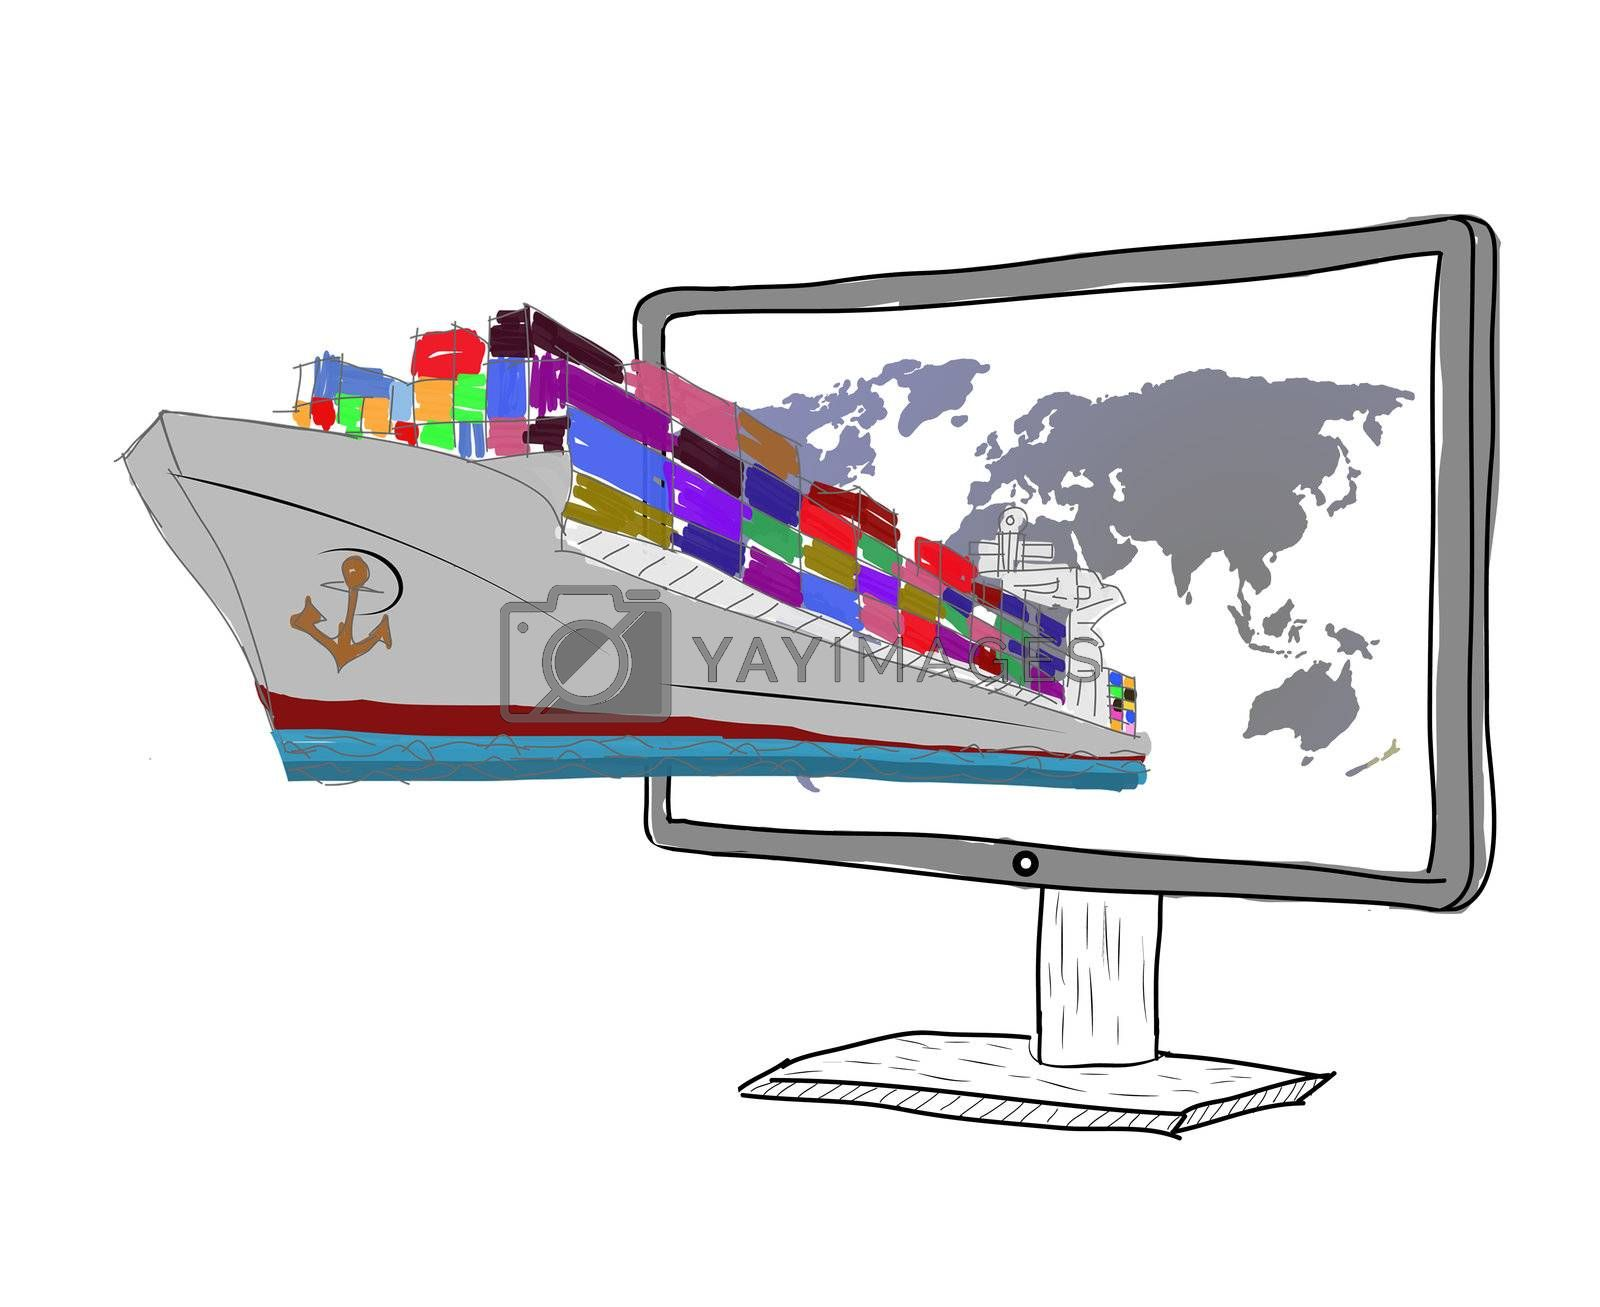 sketch concept of logistics. Cargo ship